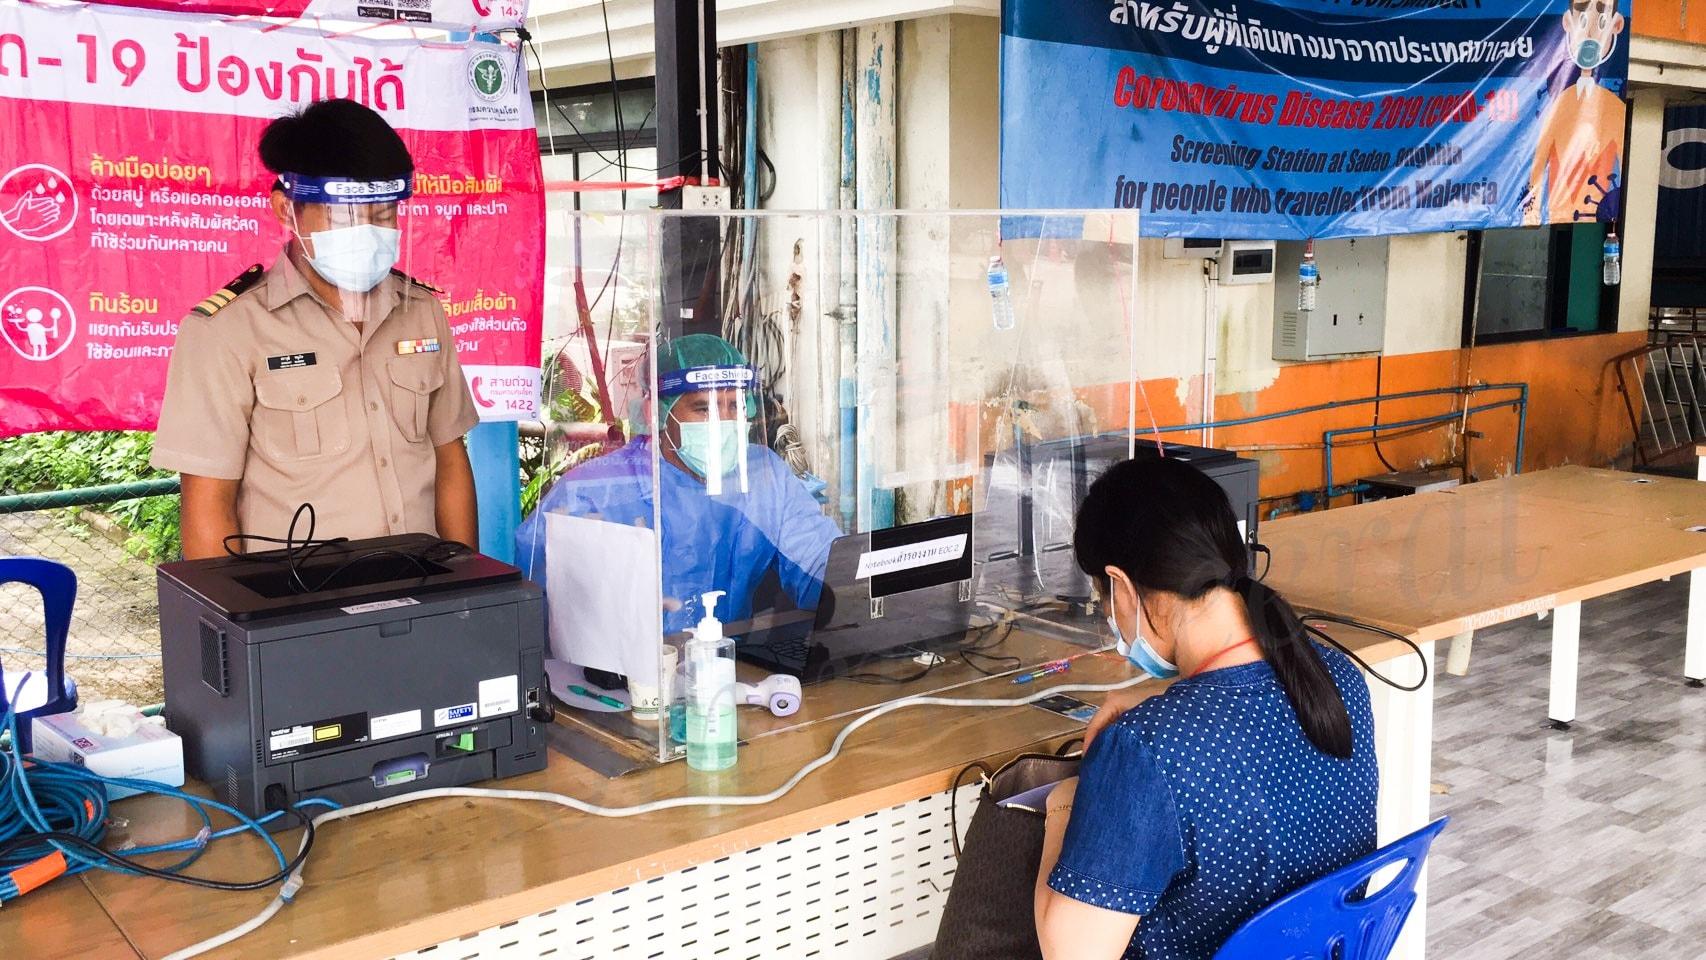 ด่านบูกิตกายูฮีตัม เปิดให้คนไทยที่อาศัยอยู่ในมาเลเซีย เดินทางกลับไทยหลังจากปิดไป14วัน